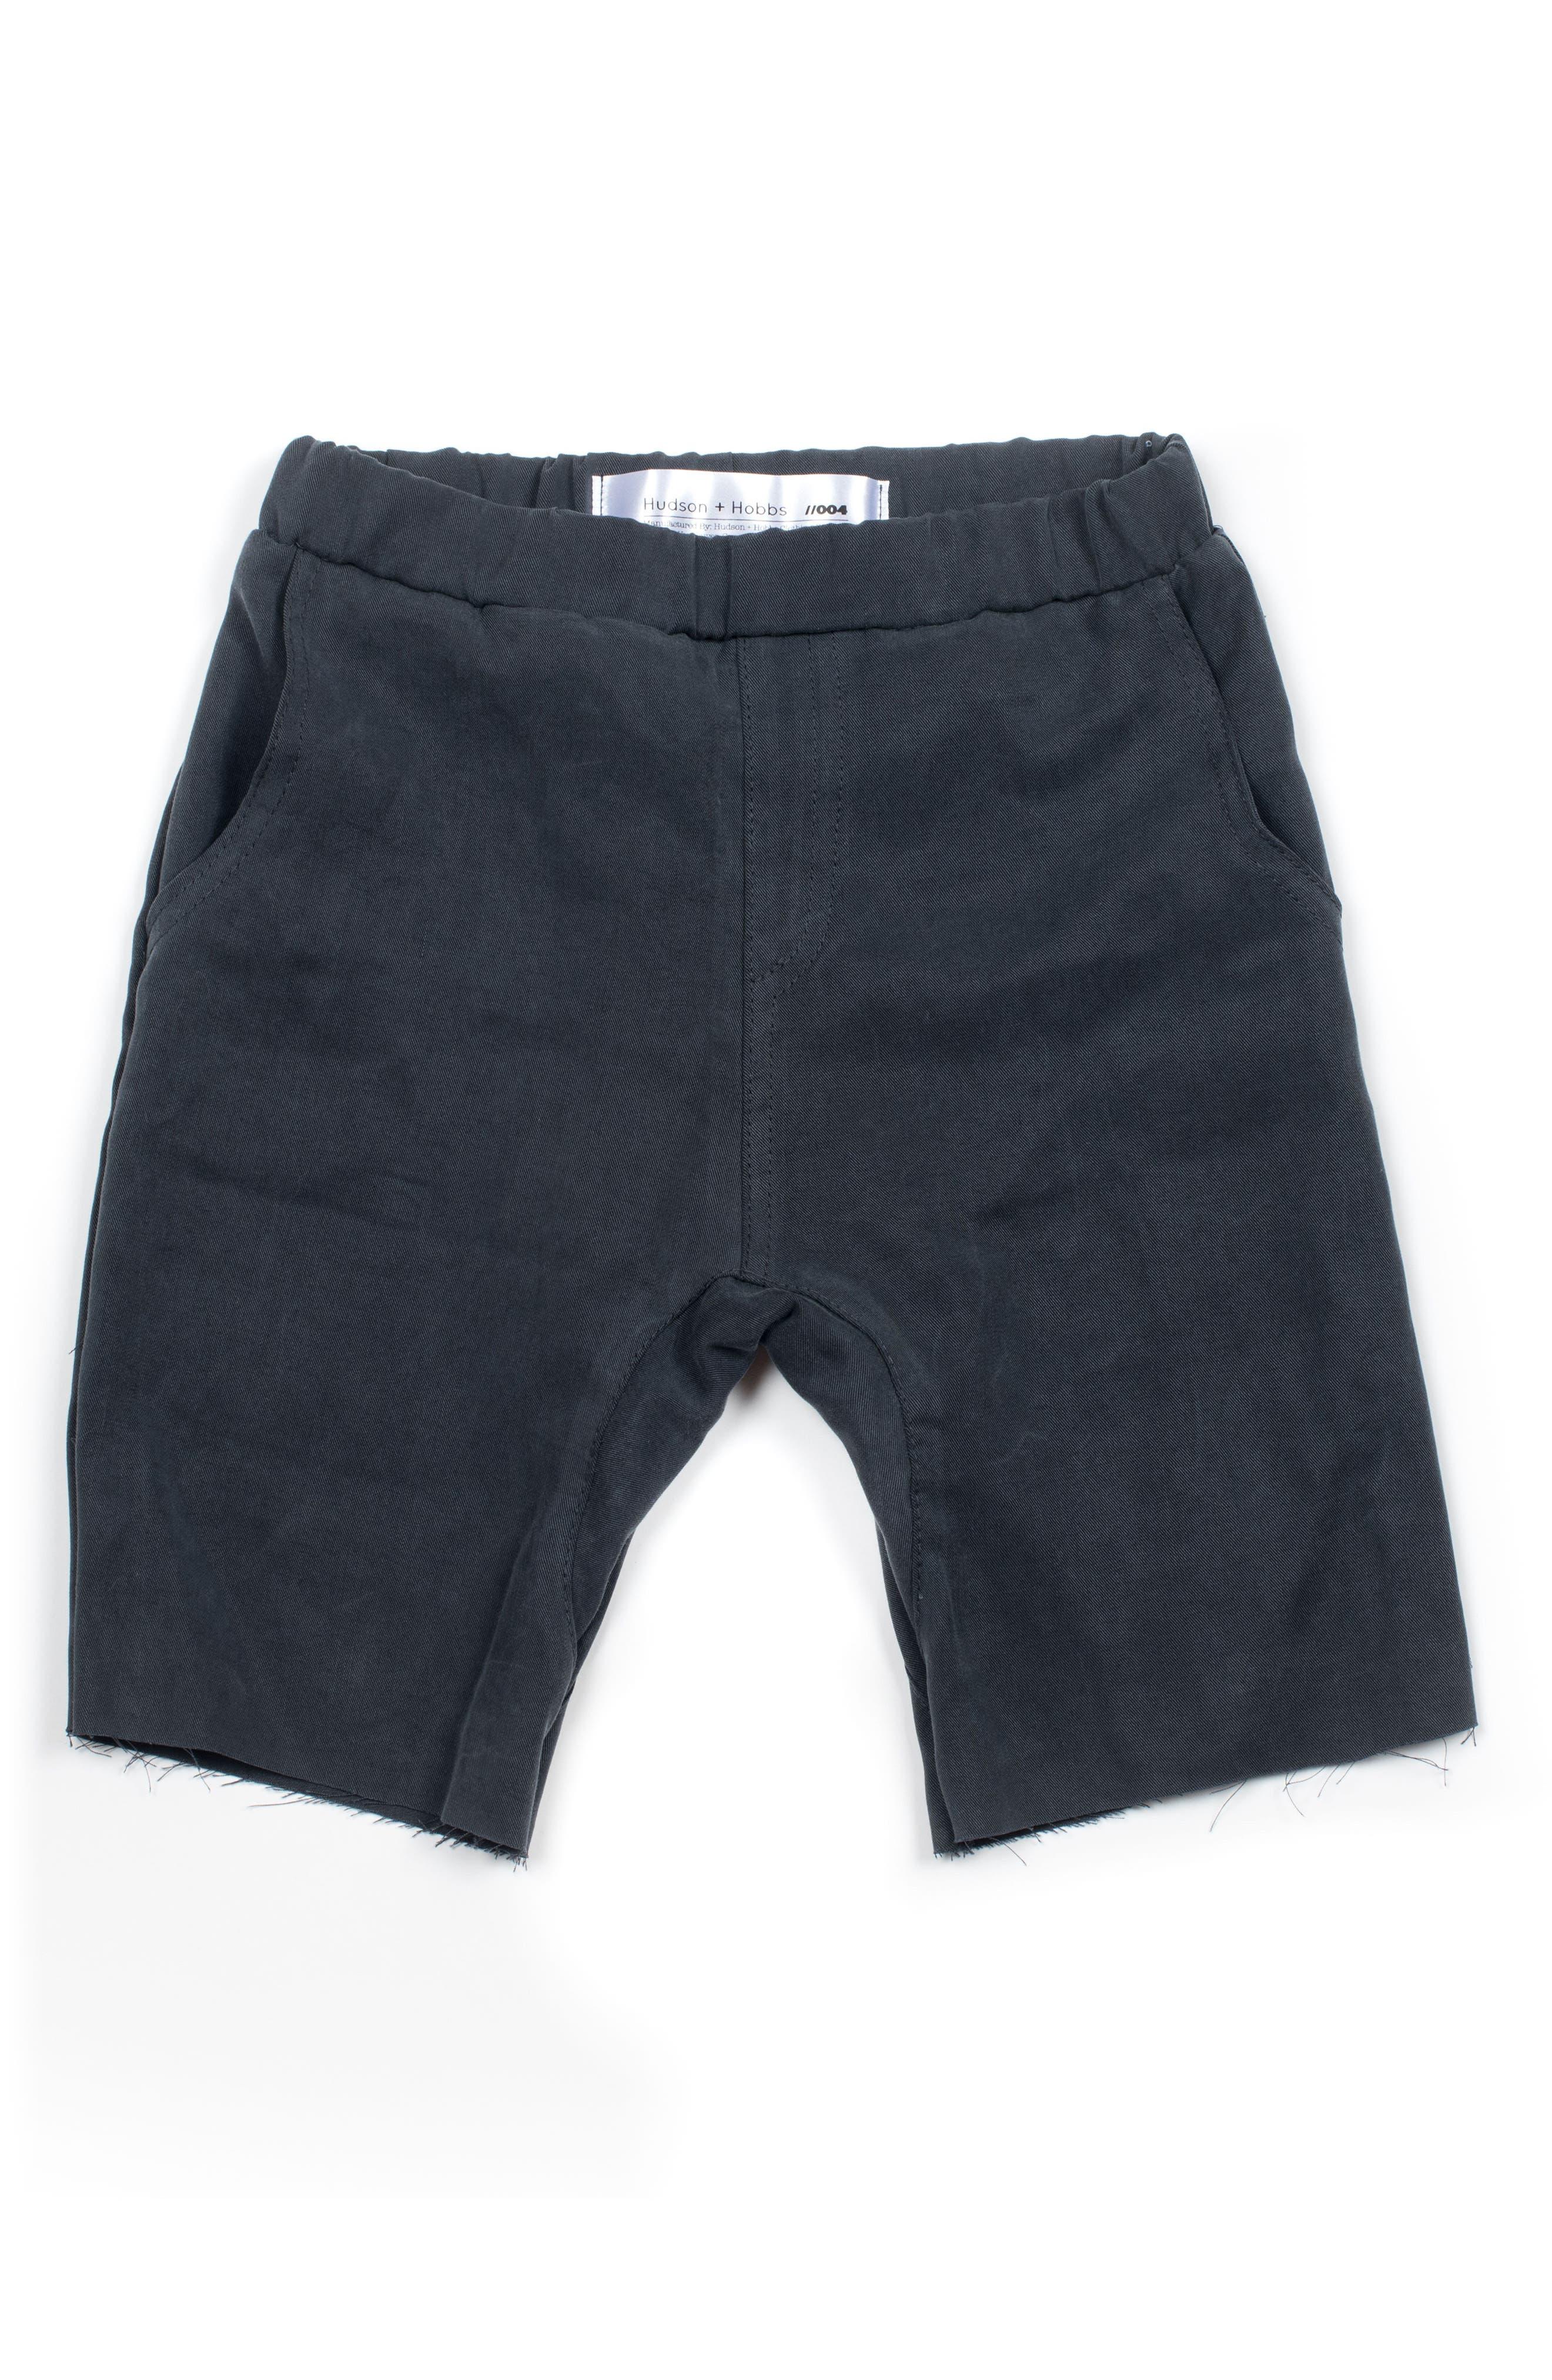 Alternate Image 1 Selected - Hudson + Hobbs Shorts (Toddler Boys & Little Boys)